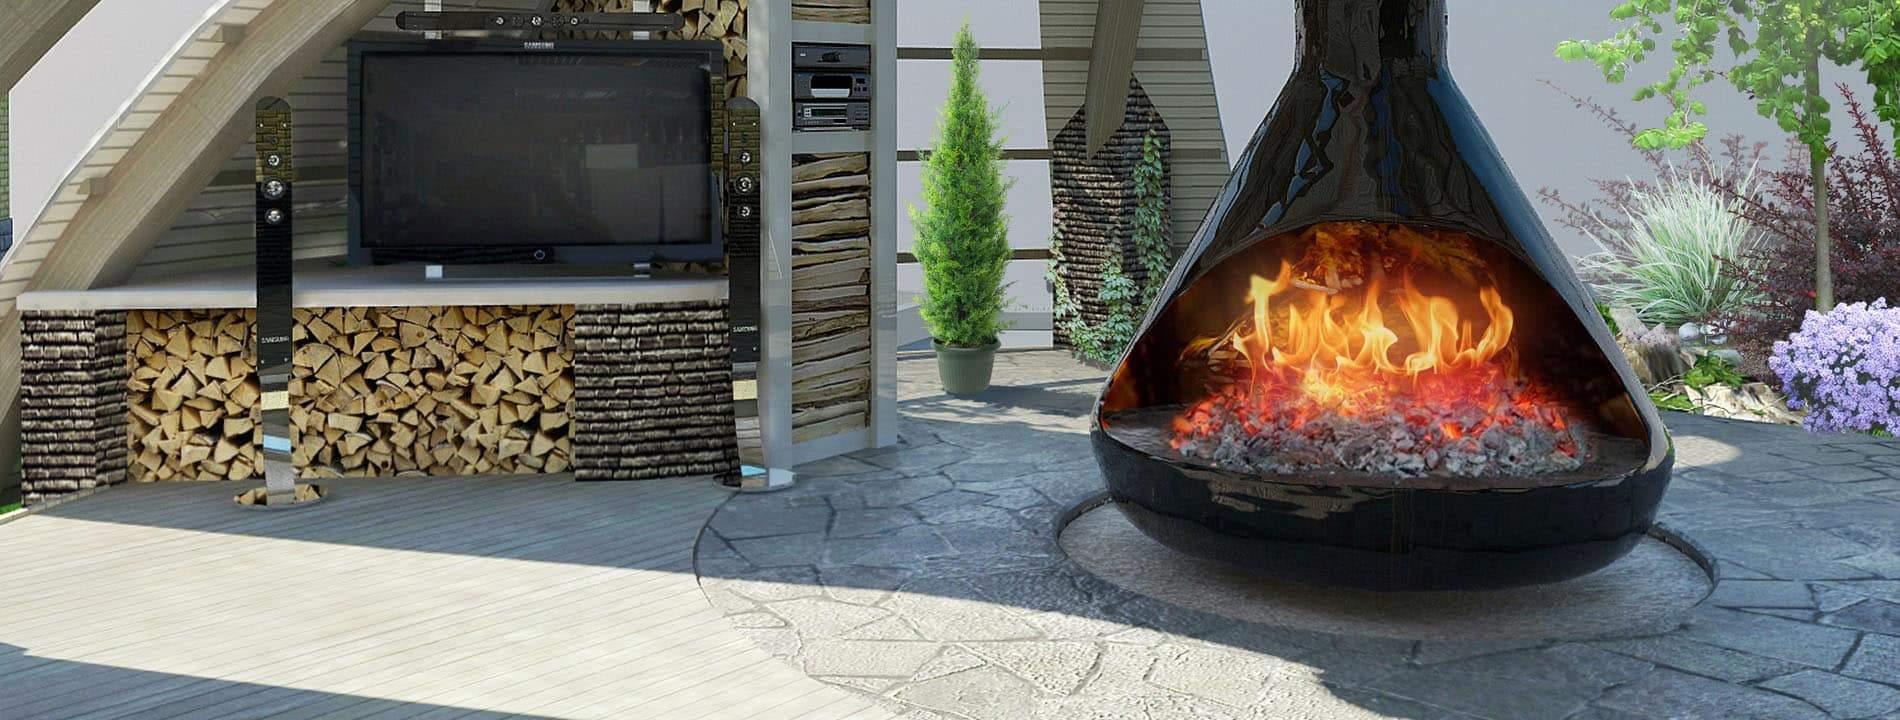 Feuerstelle Im Garten Einzigartig Feuerstelle Im Garten Selber Bauen 20 Moderne Ideen & Bilder